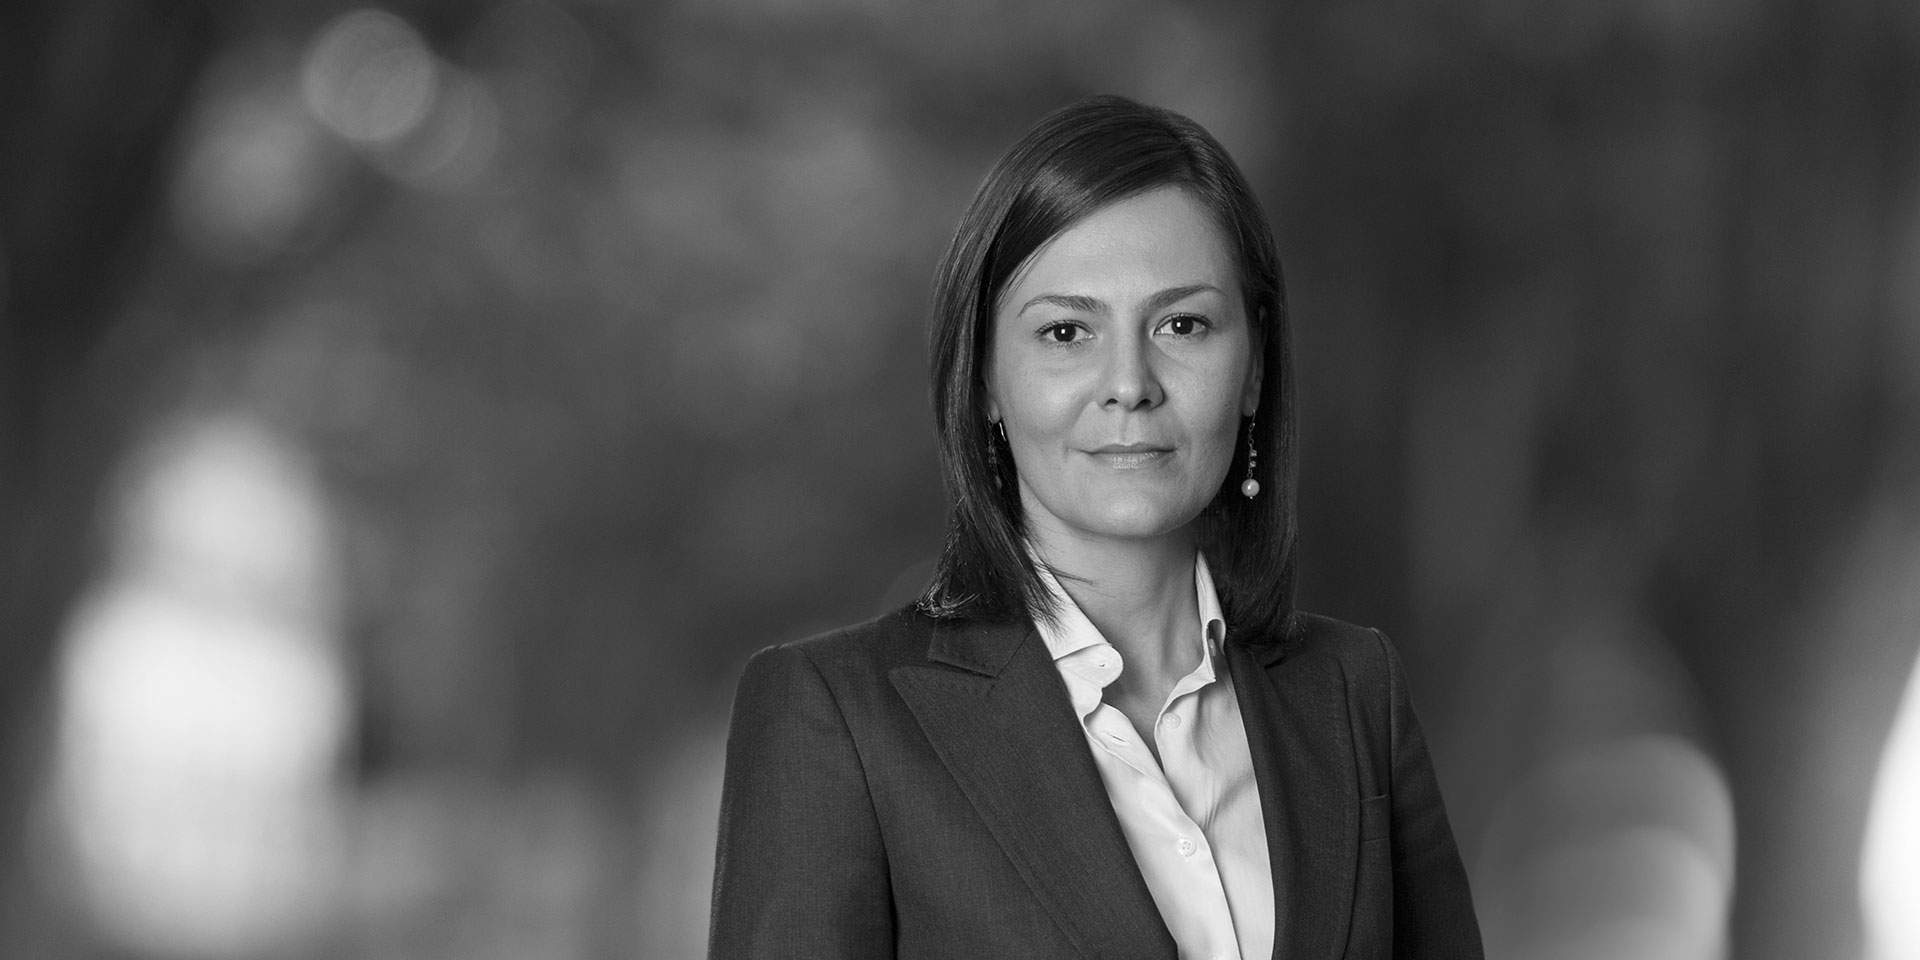 Michelle Grando